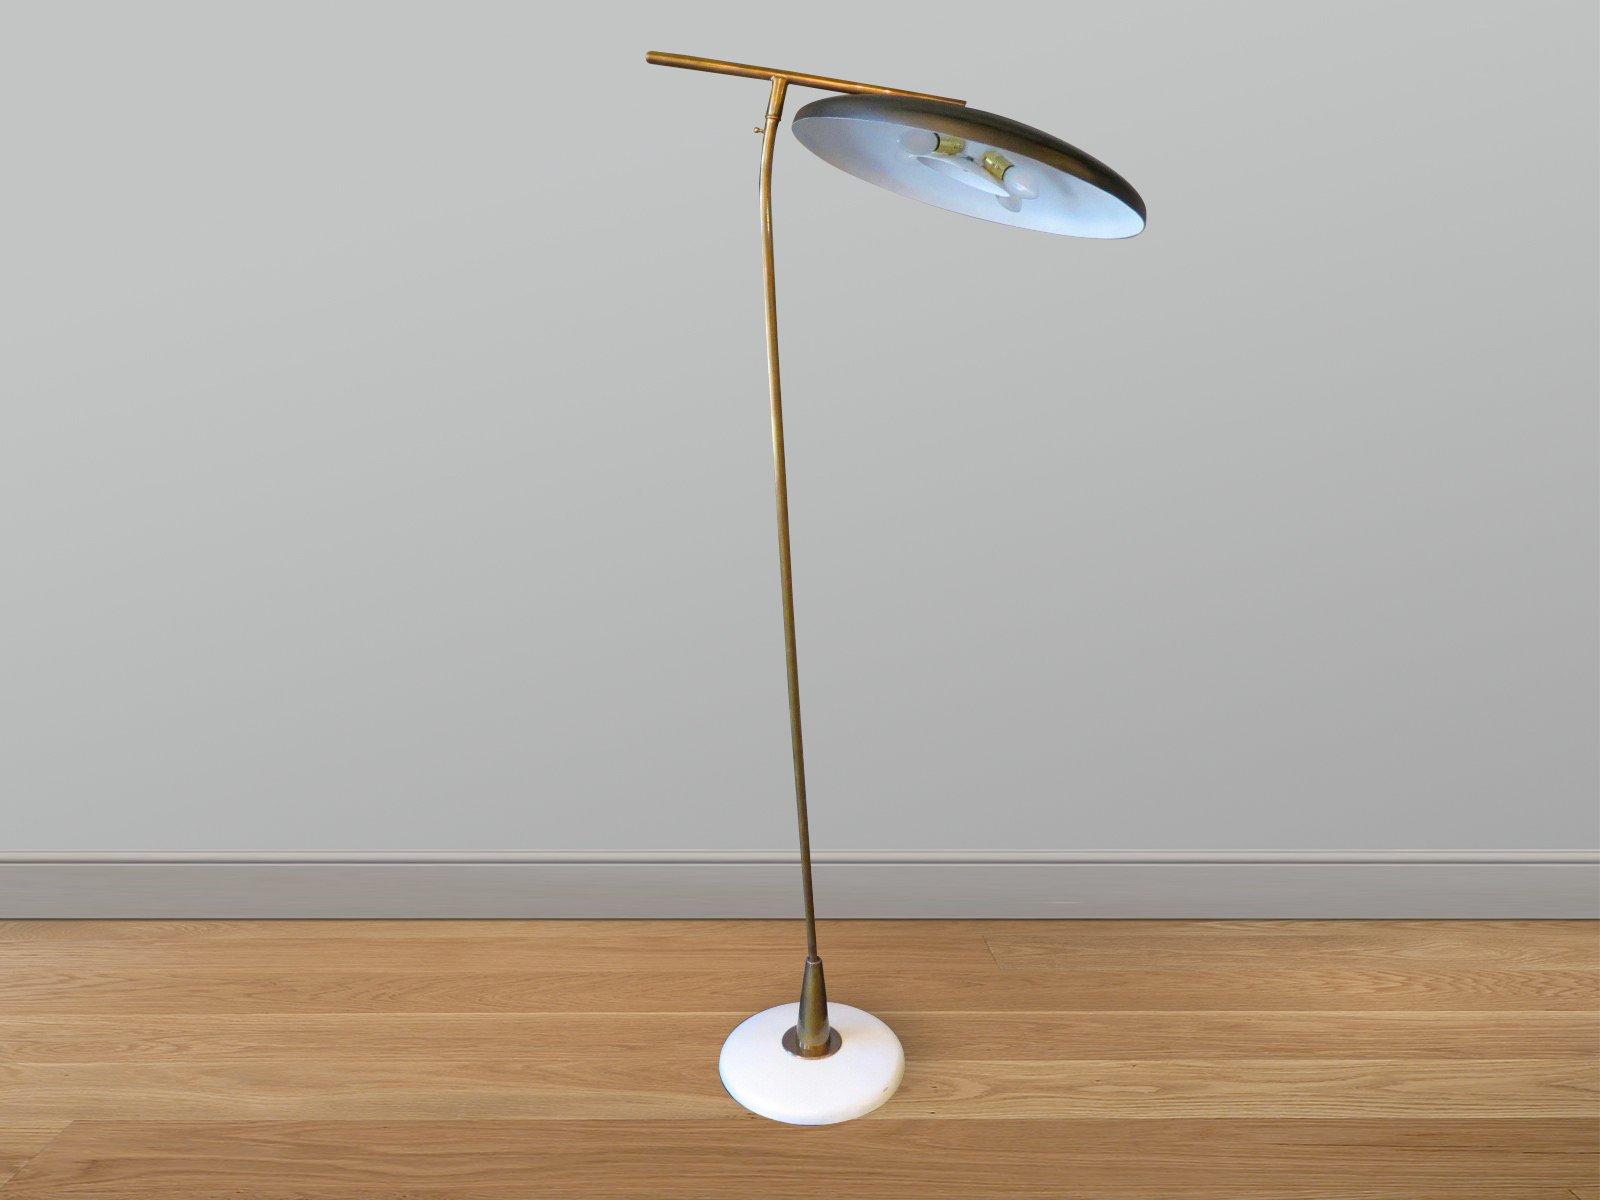 Bezaubernd Stehlampe Mit Schirm Referenz Von Italienische Mid-century Schwarzem Schirm, 1950er